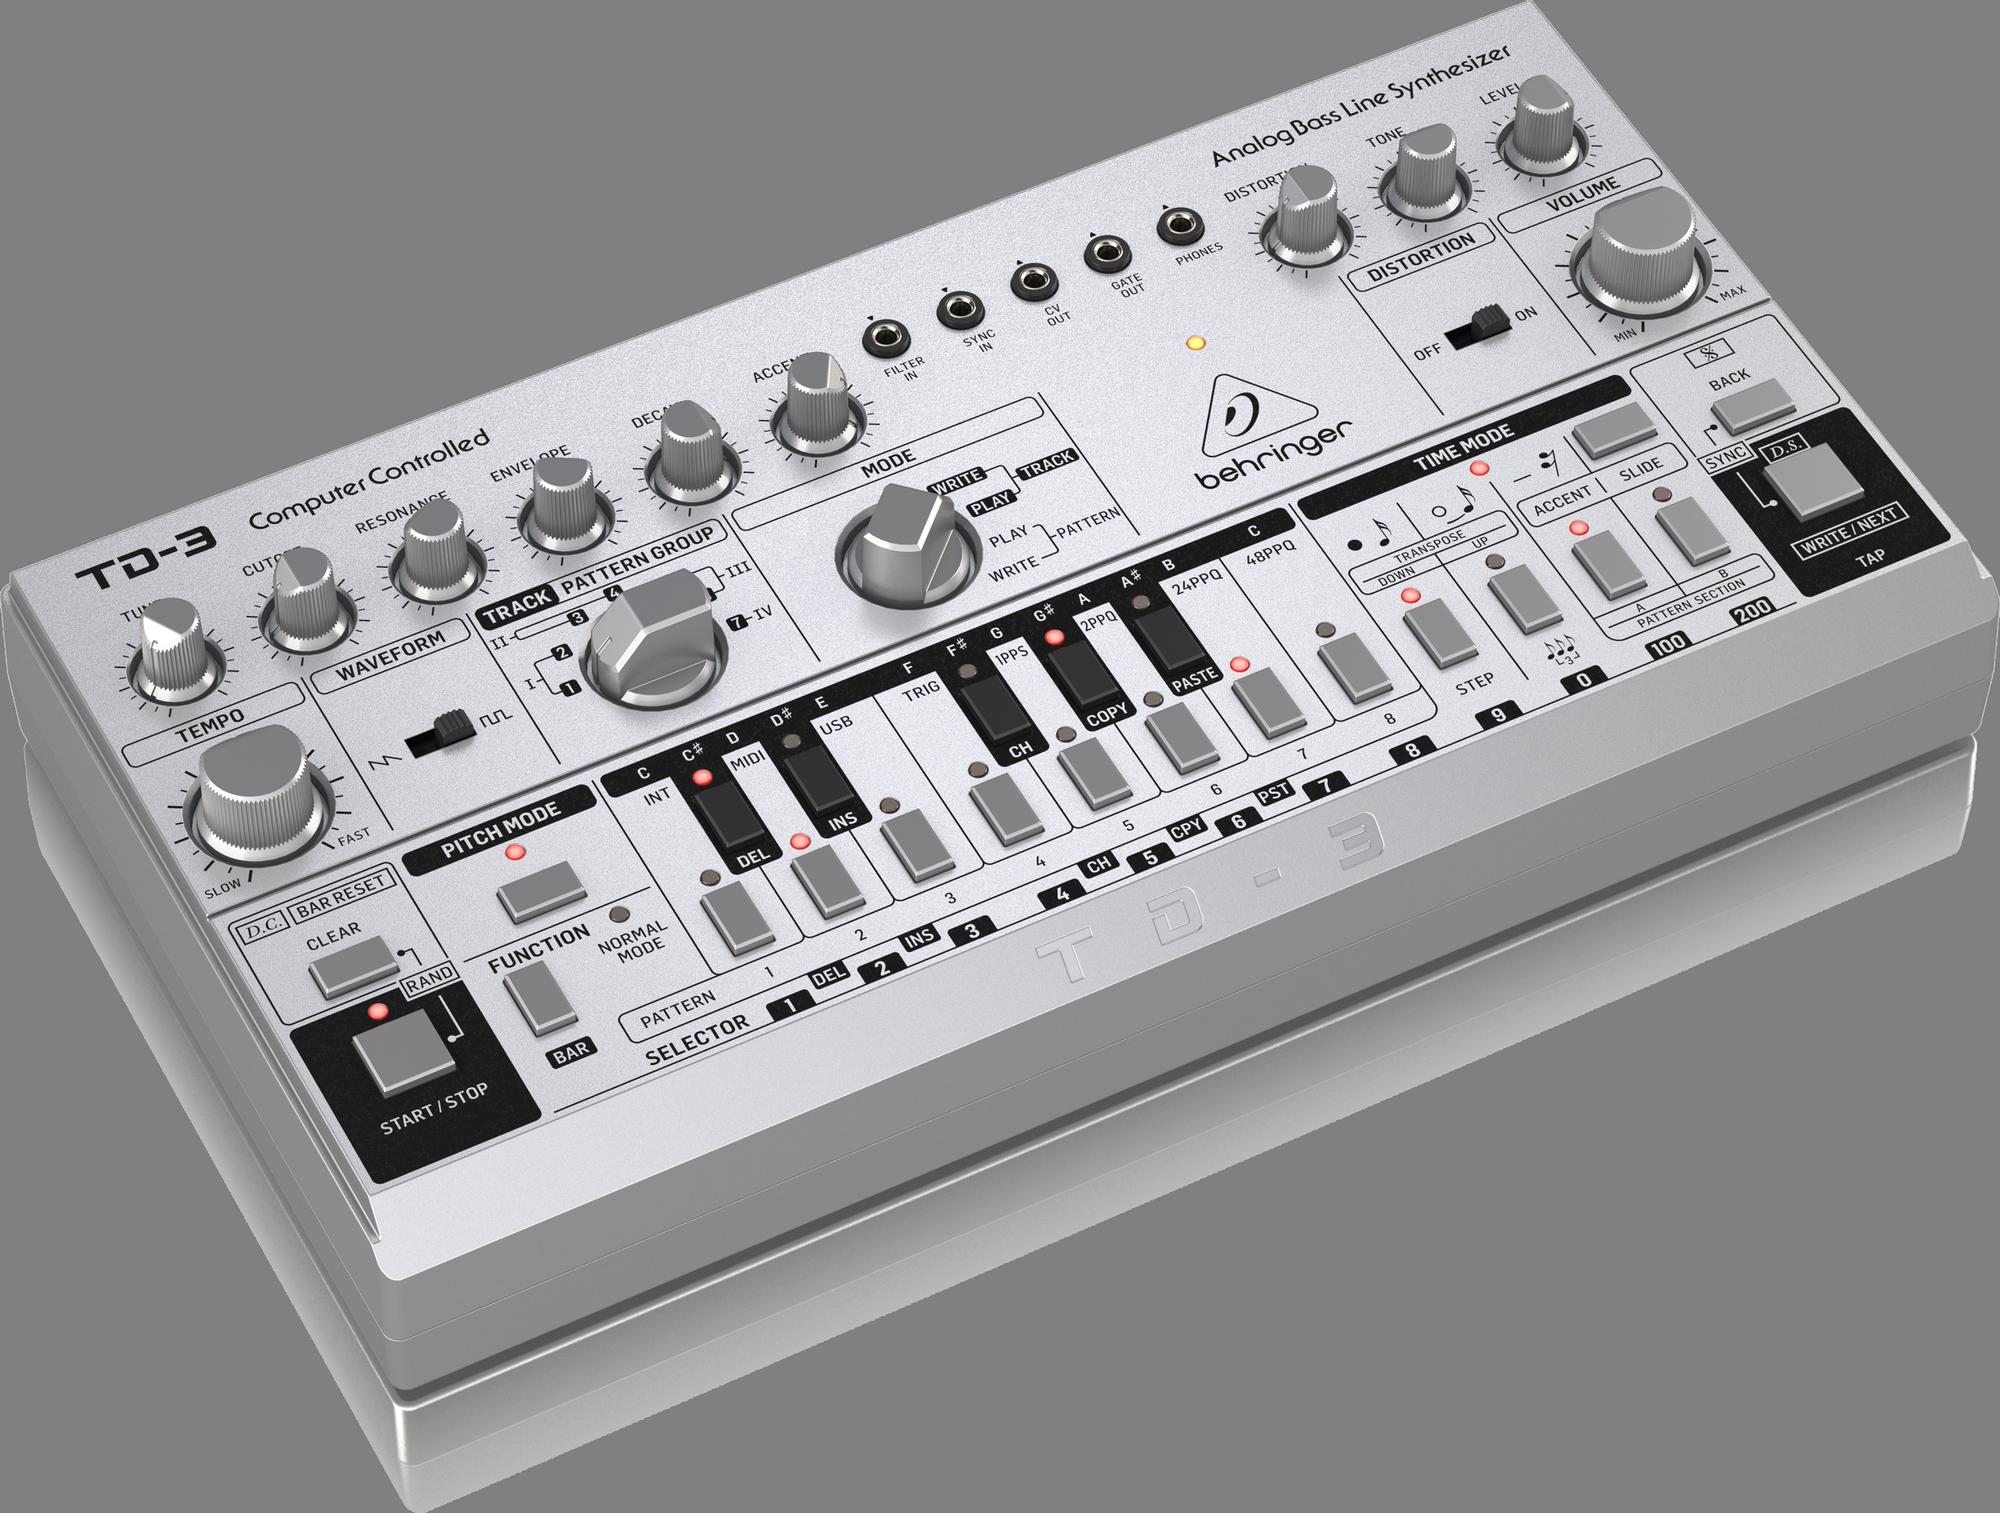 Behringer TD-3-SR - Analoger Synthesizer